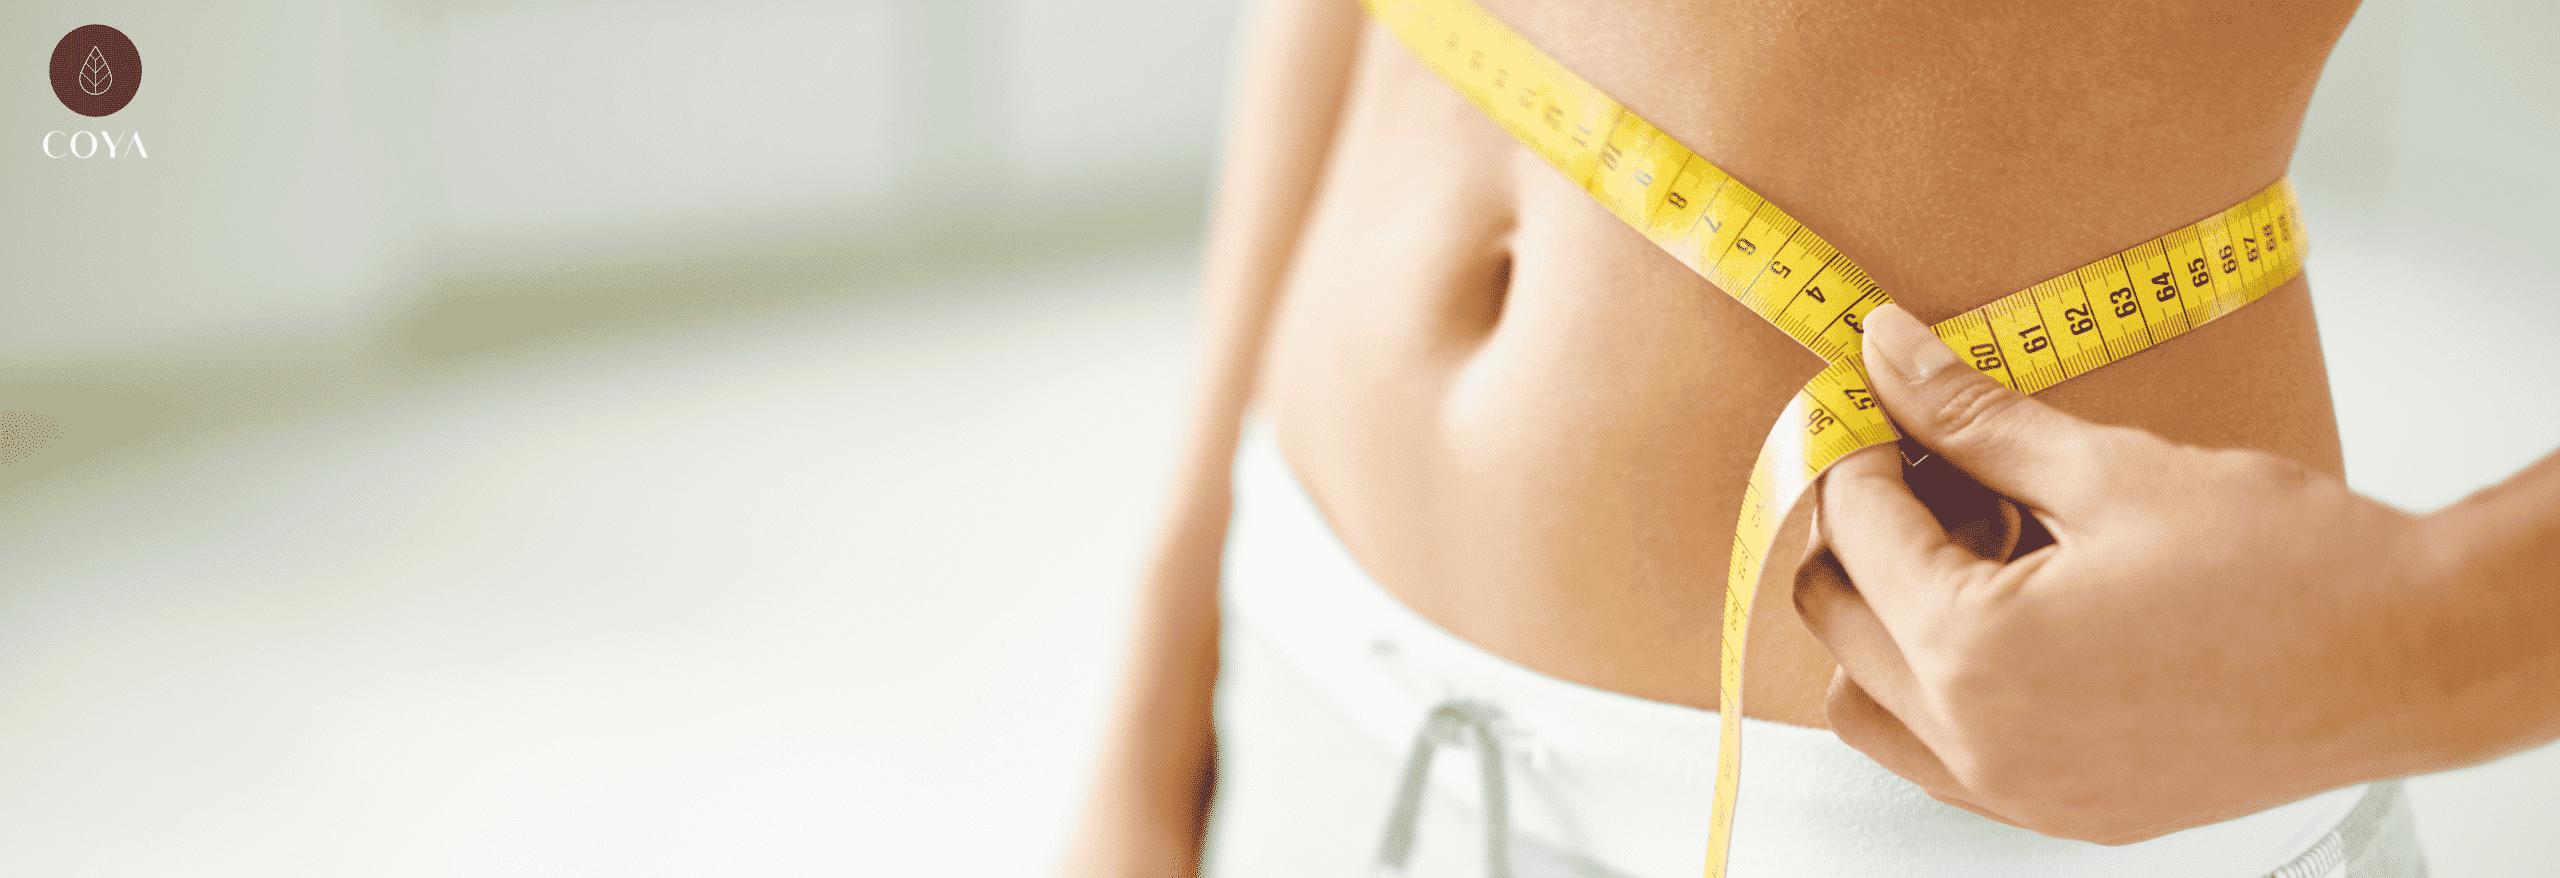 Οι διάφοροι τύποι κετογονικής δίαιτας